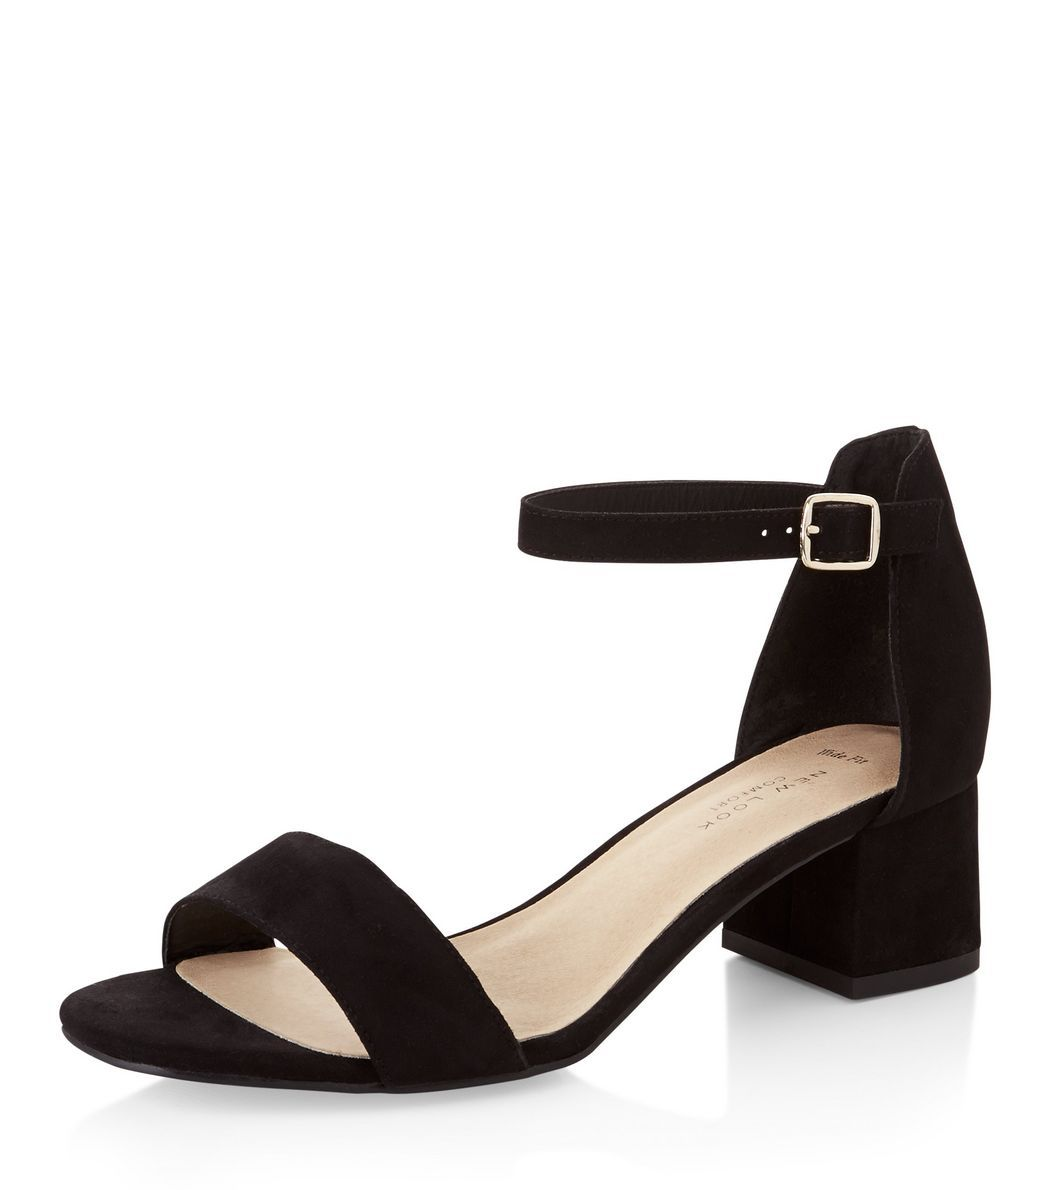 Wide Fit Black Comfort Suedette Block Heel Sandals | New Look ...